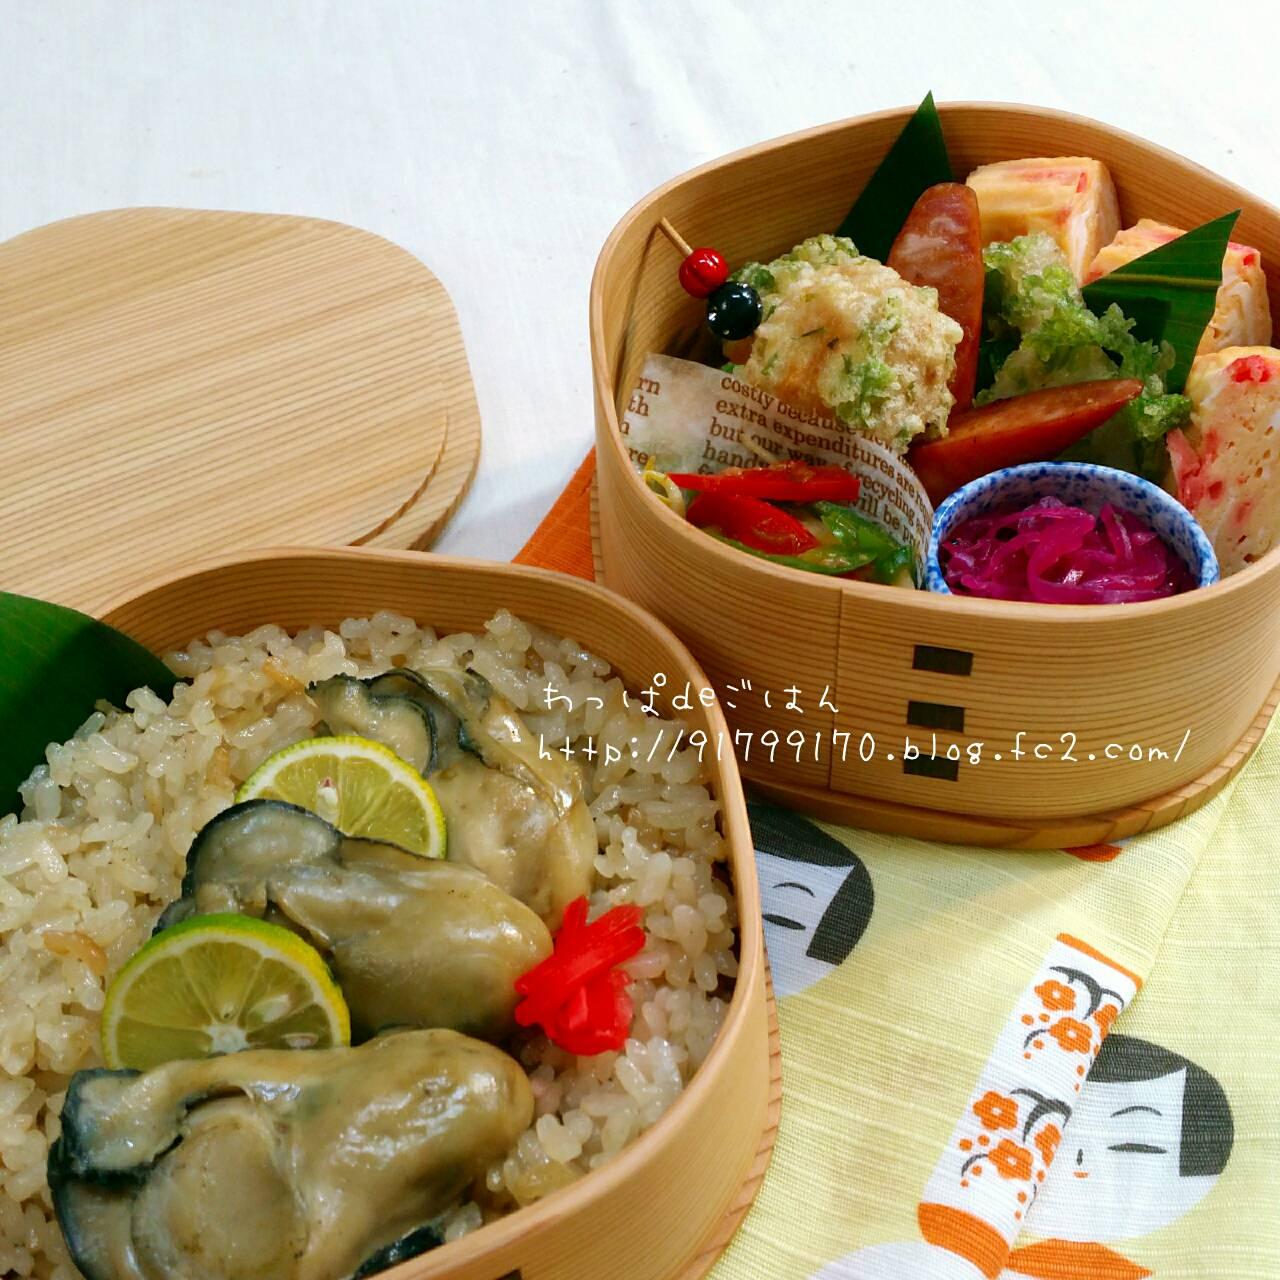 牡蠣ご飯と磯辺揚げ弁当